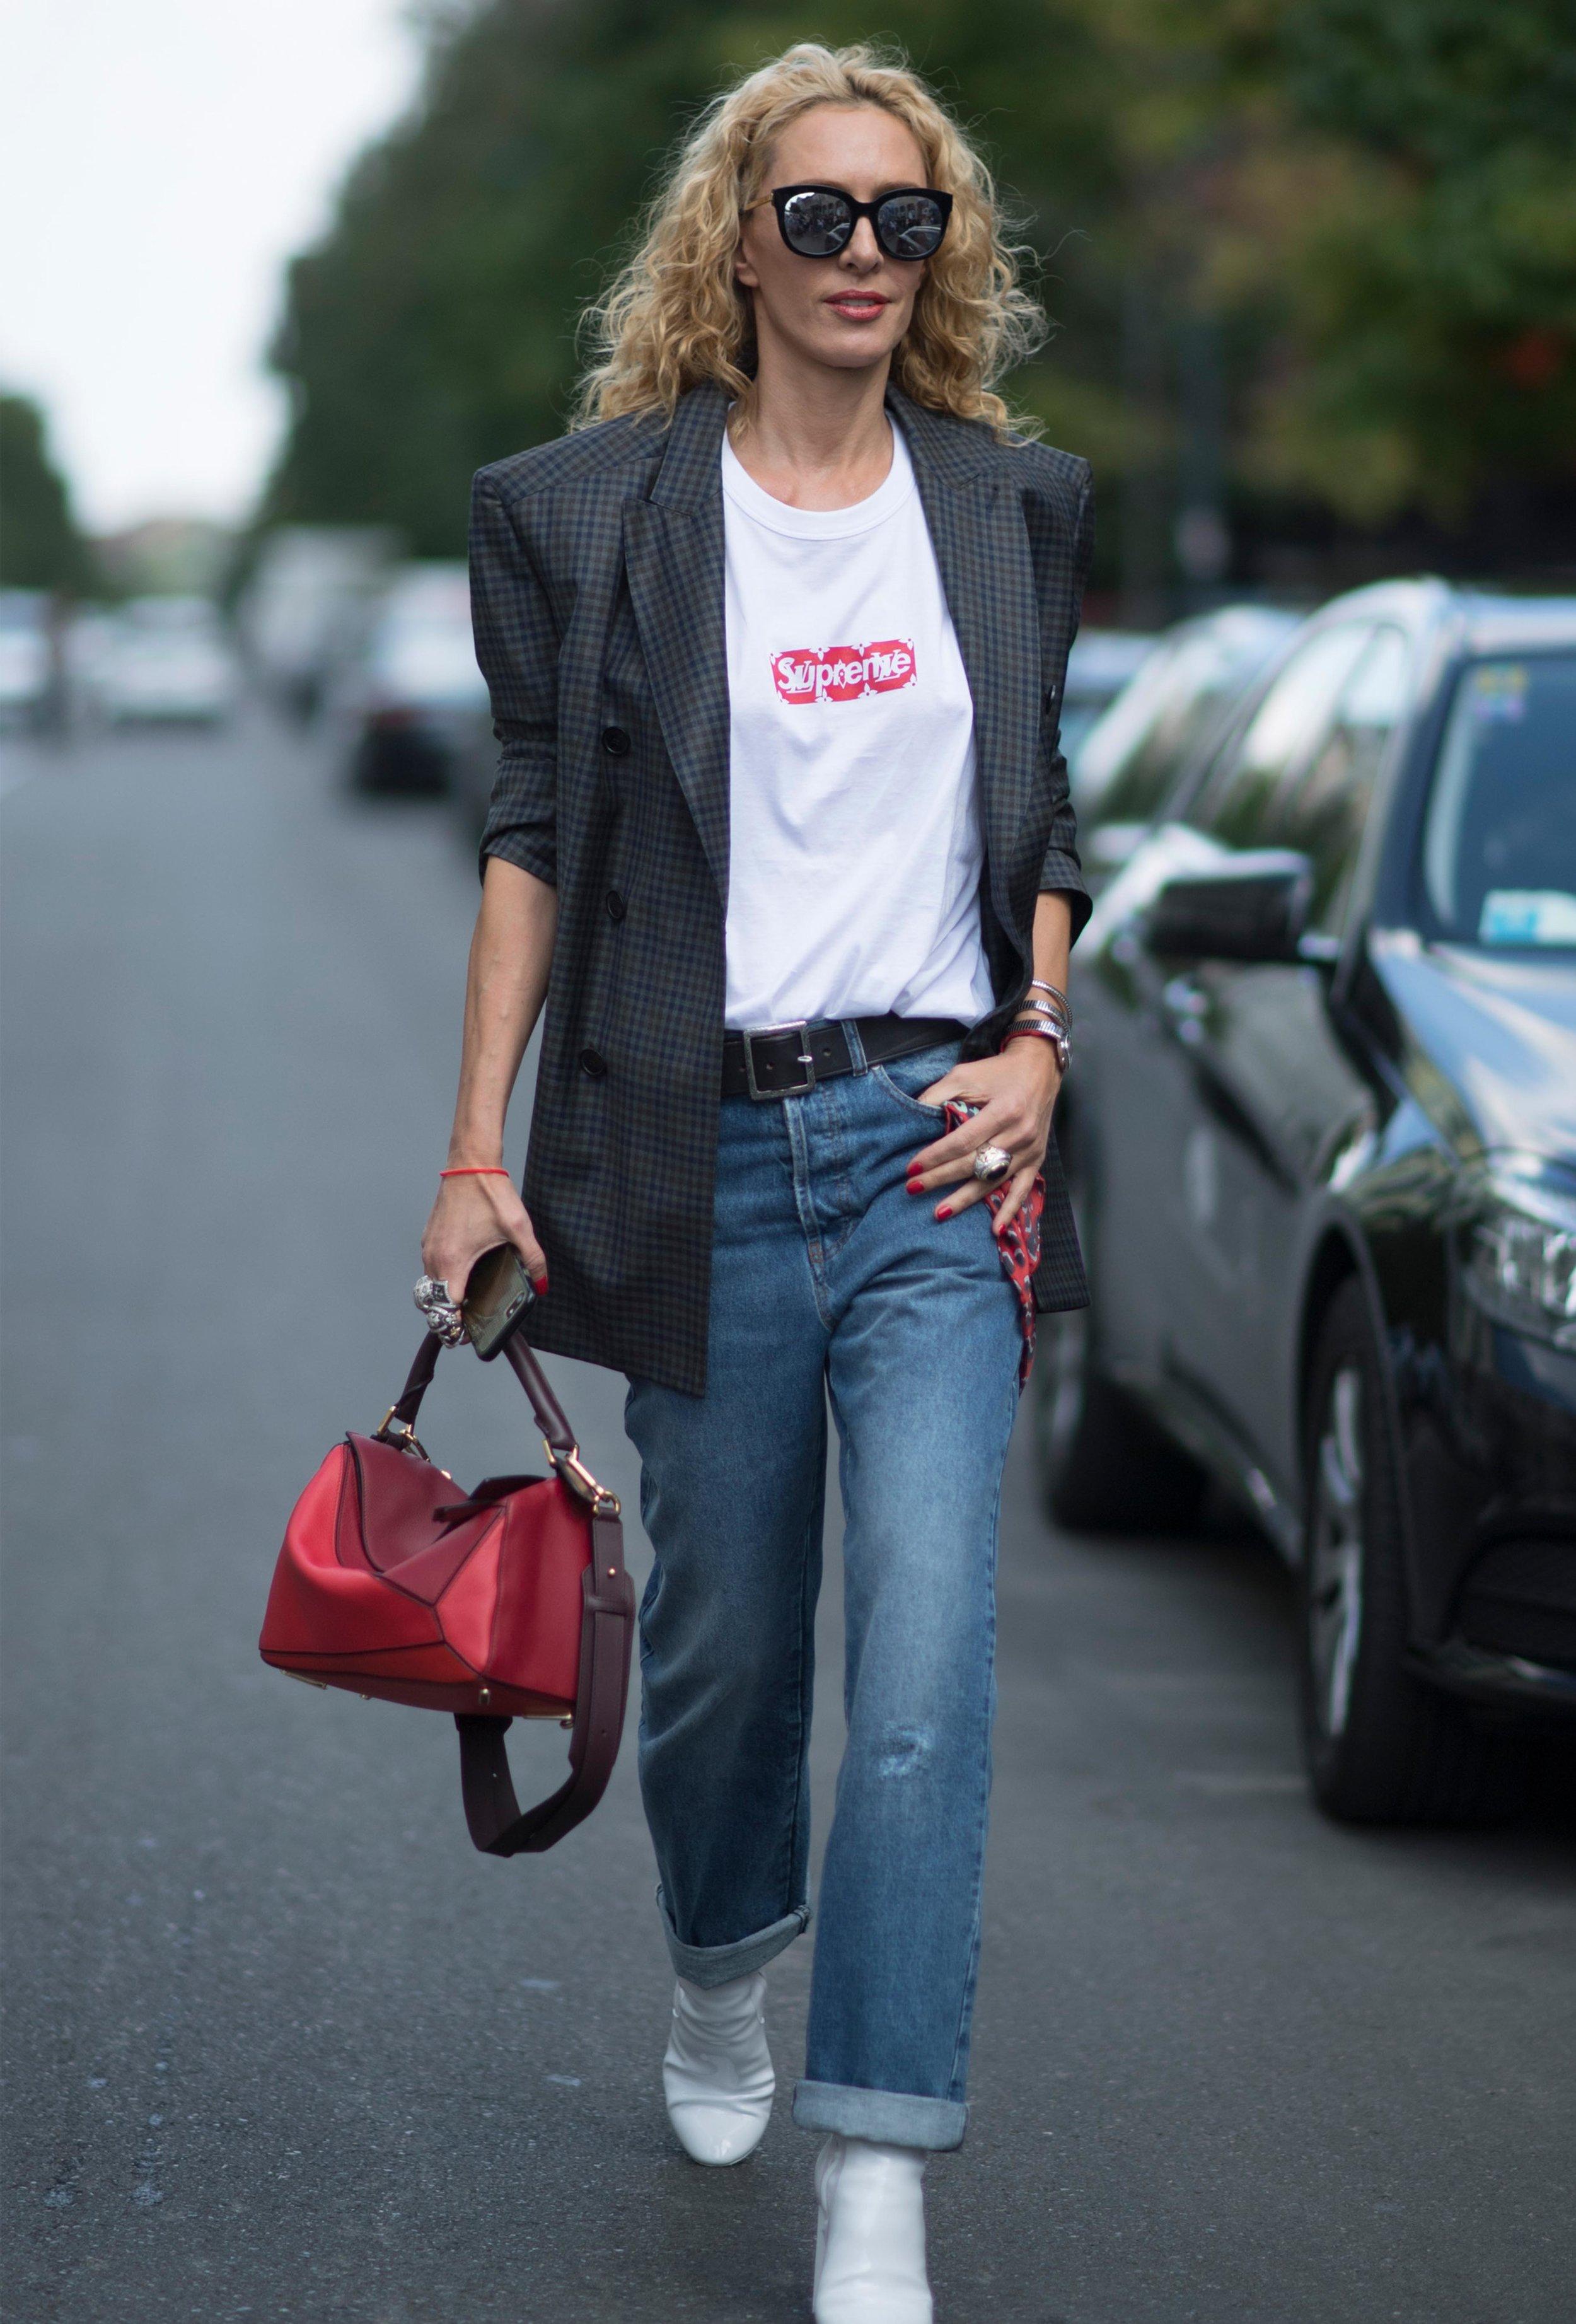 A bota branca deixa o look de jeans e blazer ainda mais poderoso